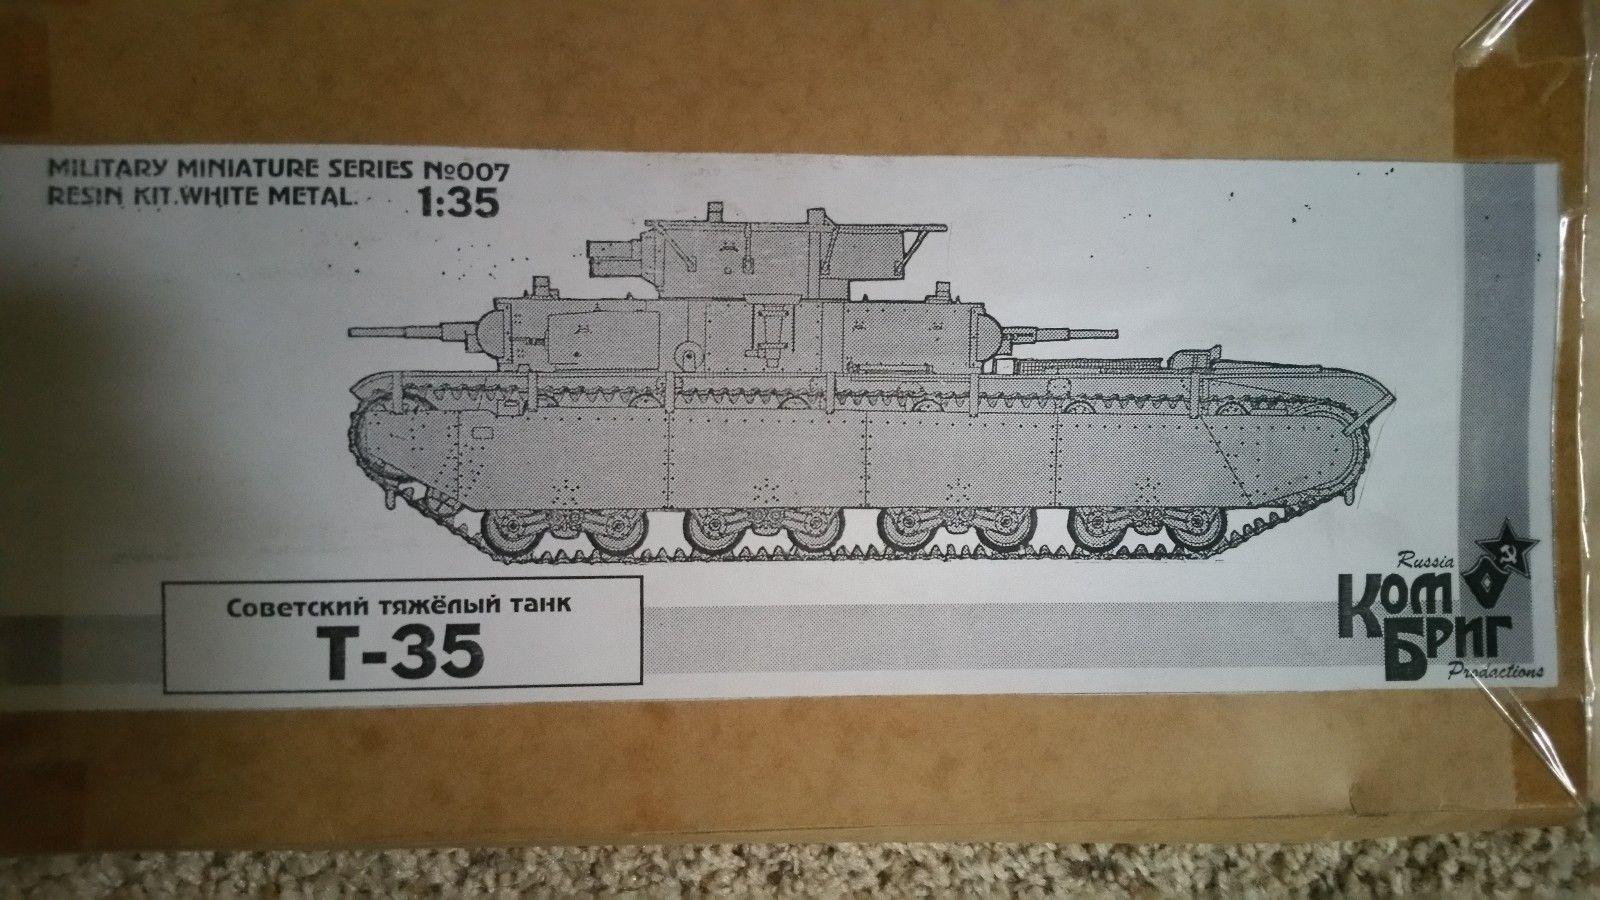 007 Soviet Havy tank T-35 Image